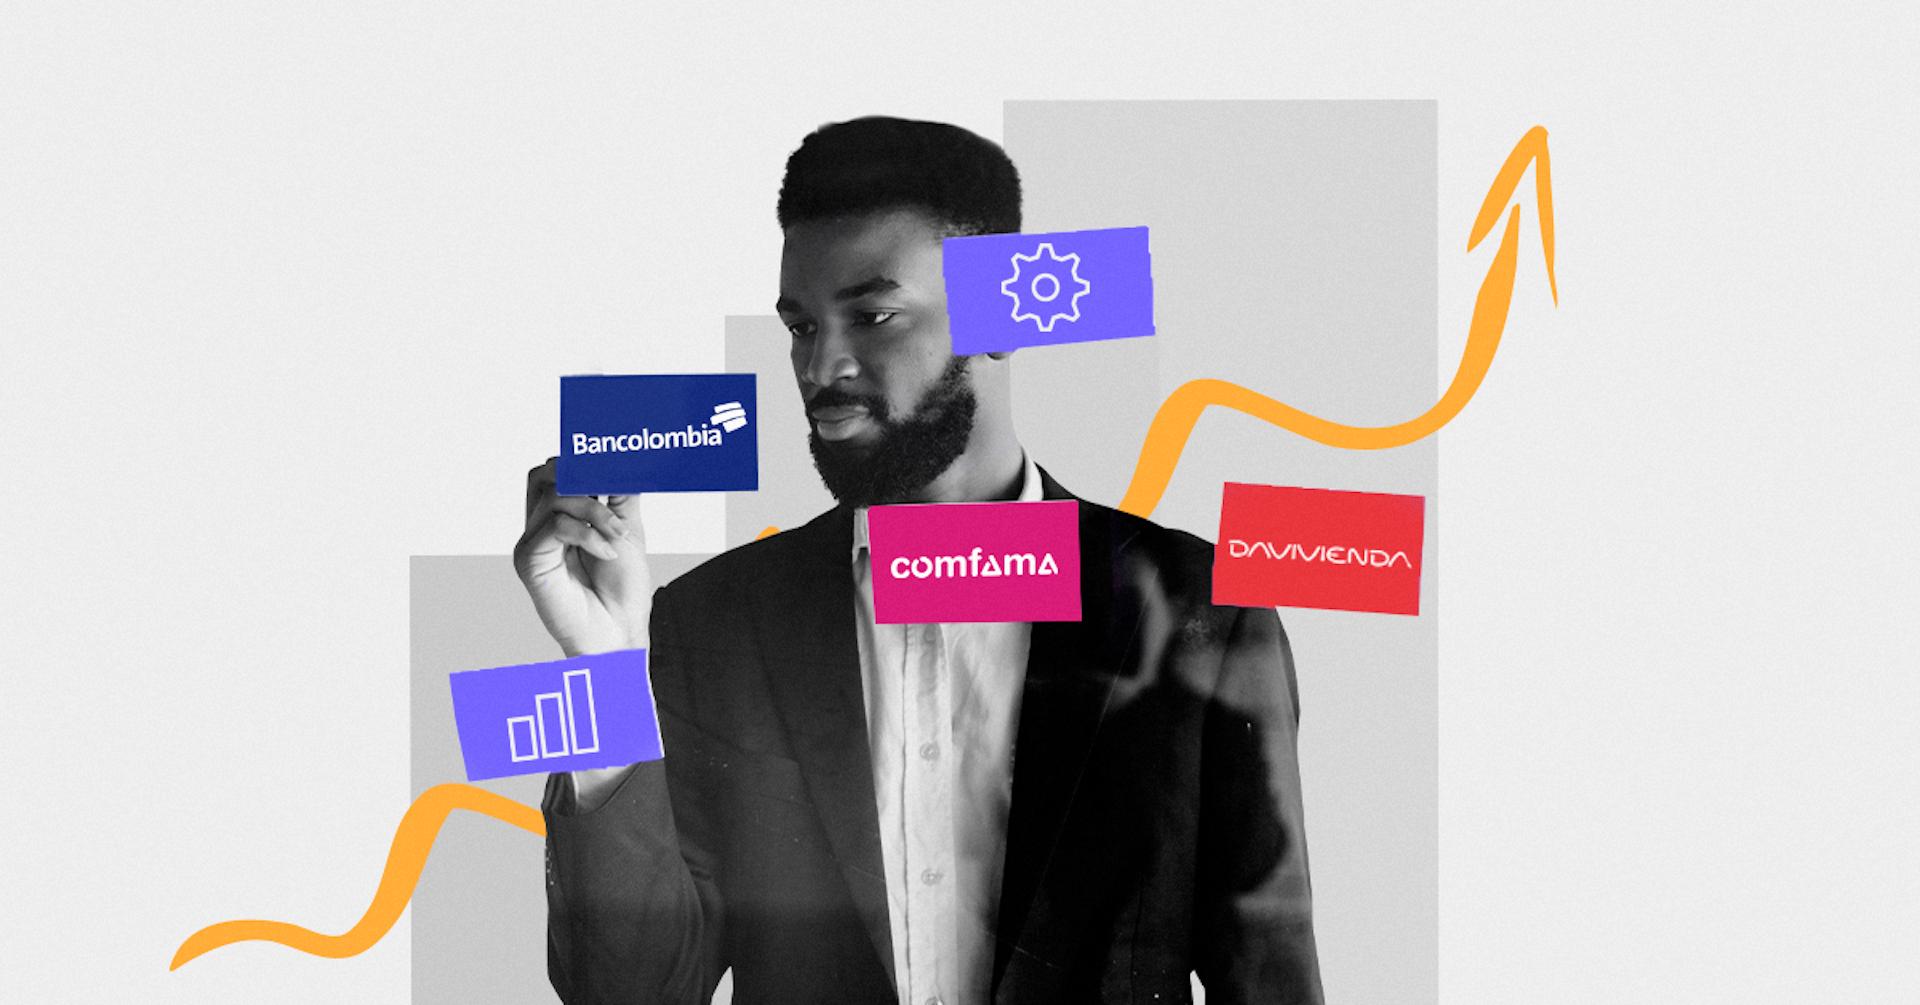 Invertir en formación impacta en la reputación de una marca